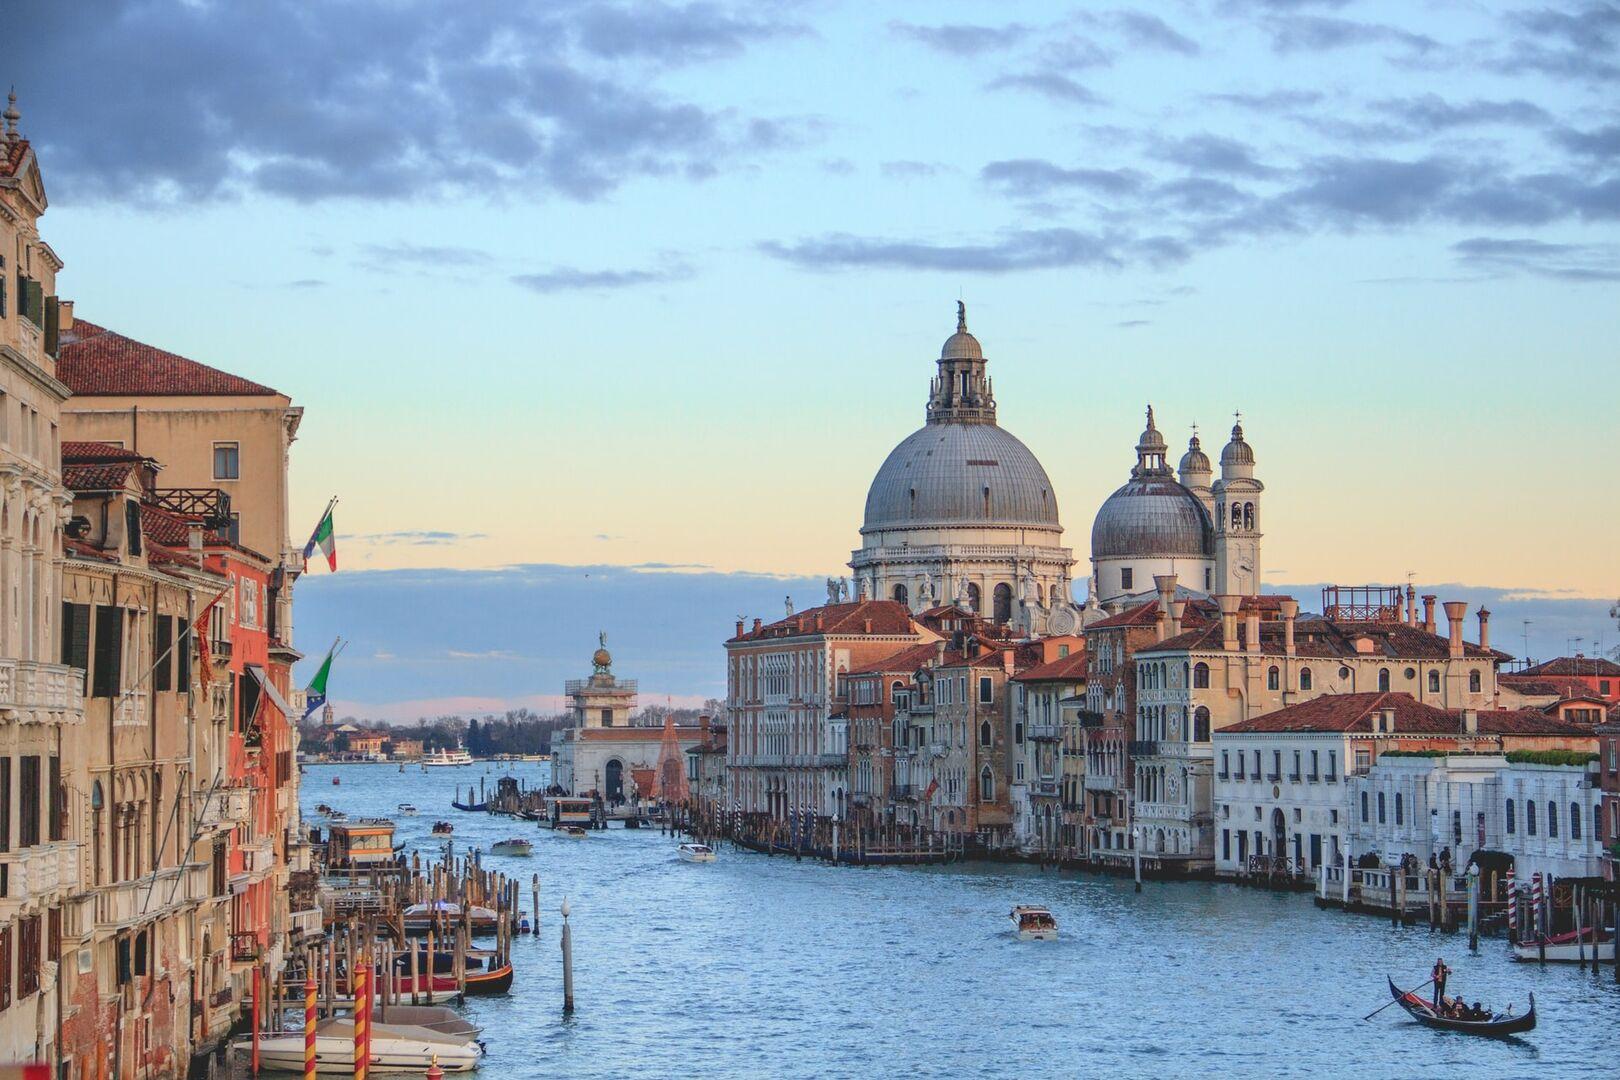 Venecia pone en marcha un sistema para contar turistas